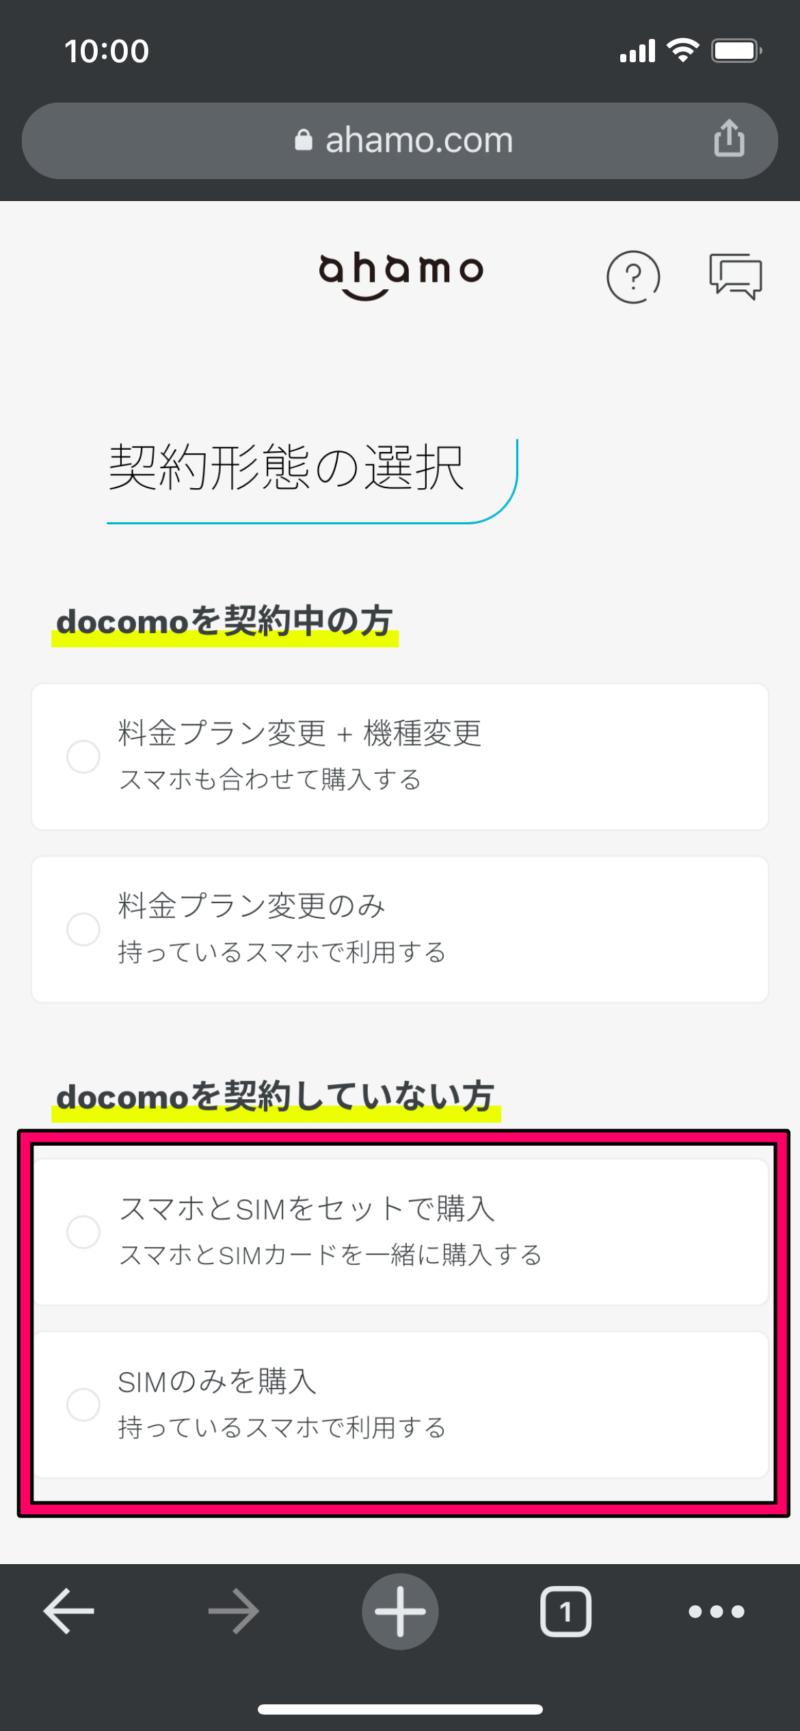 ahamo(アハモ)申し込みのやり方・手順01-1